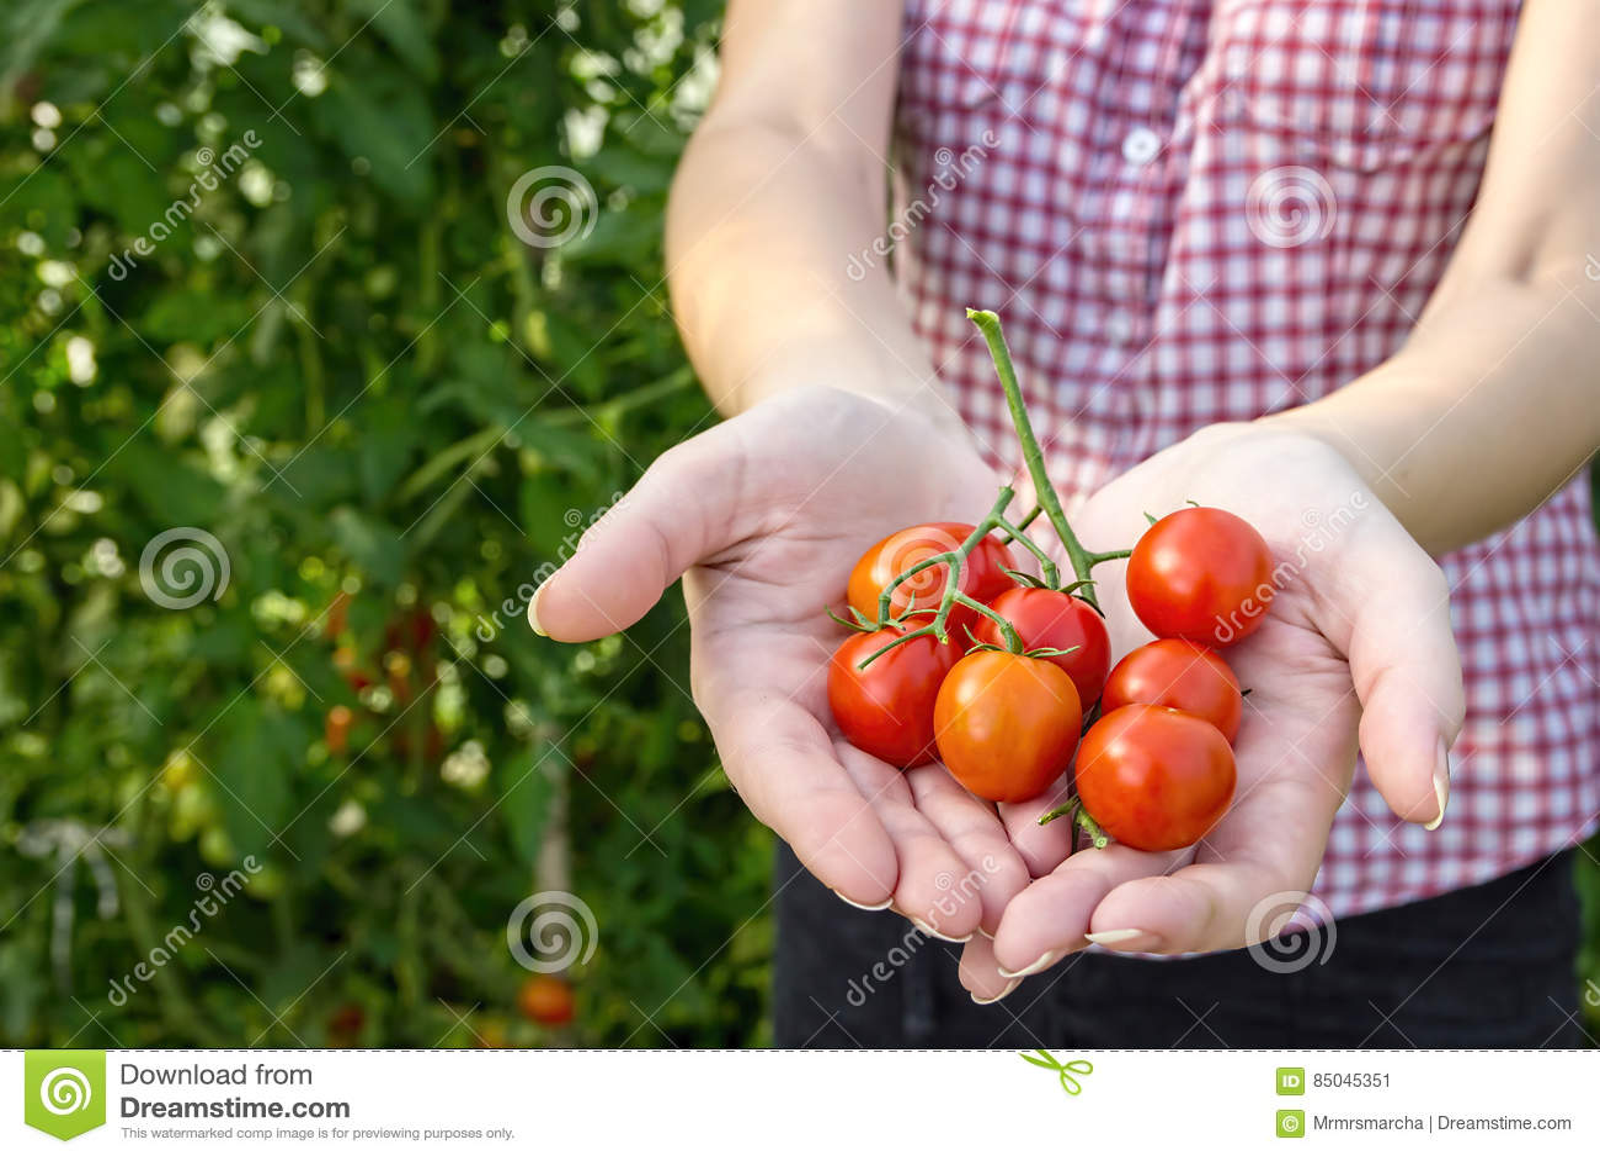 O fazendeiro recolhe tomates de cereja na estufa